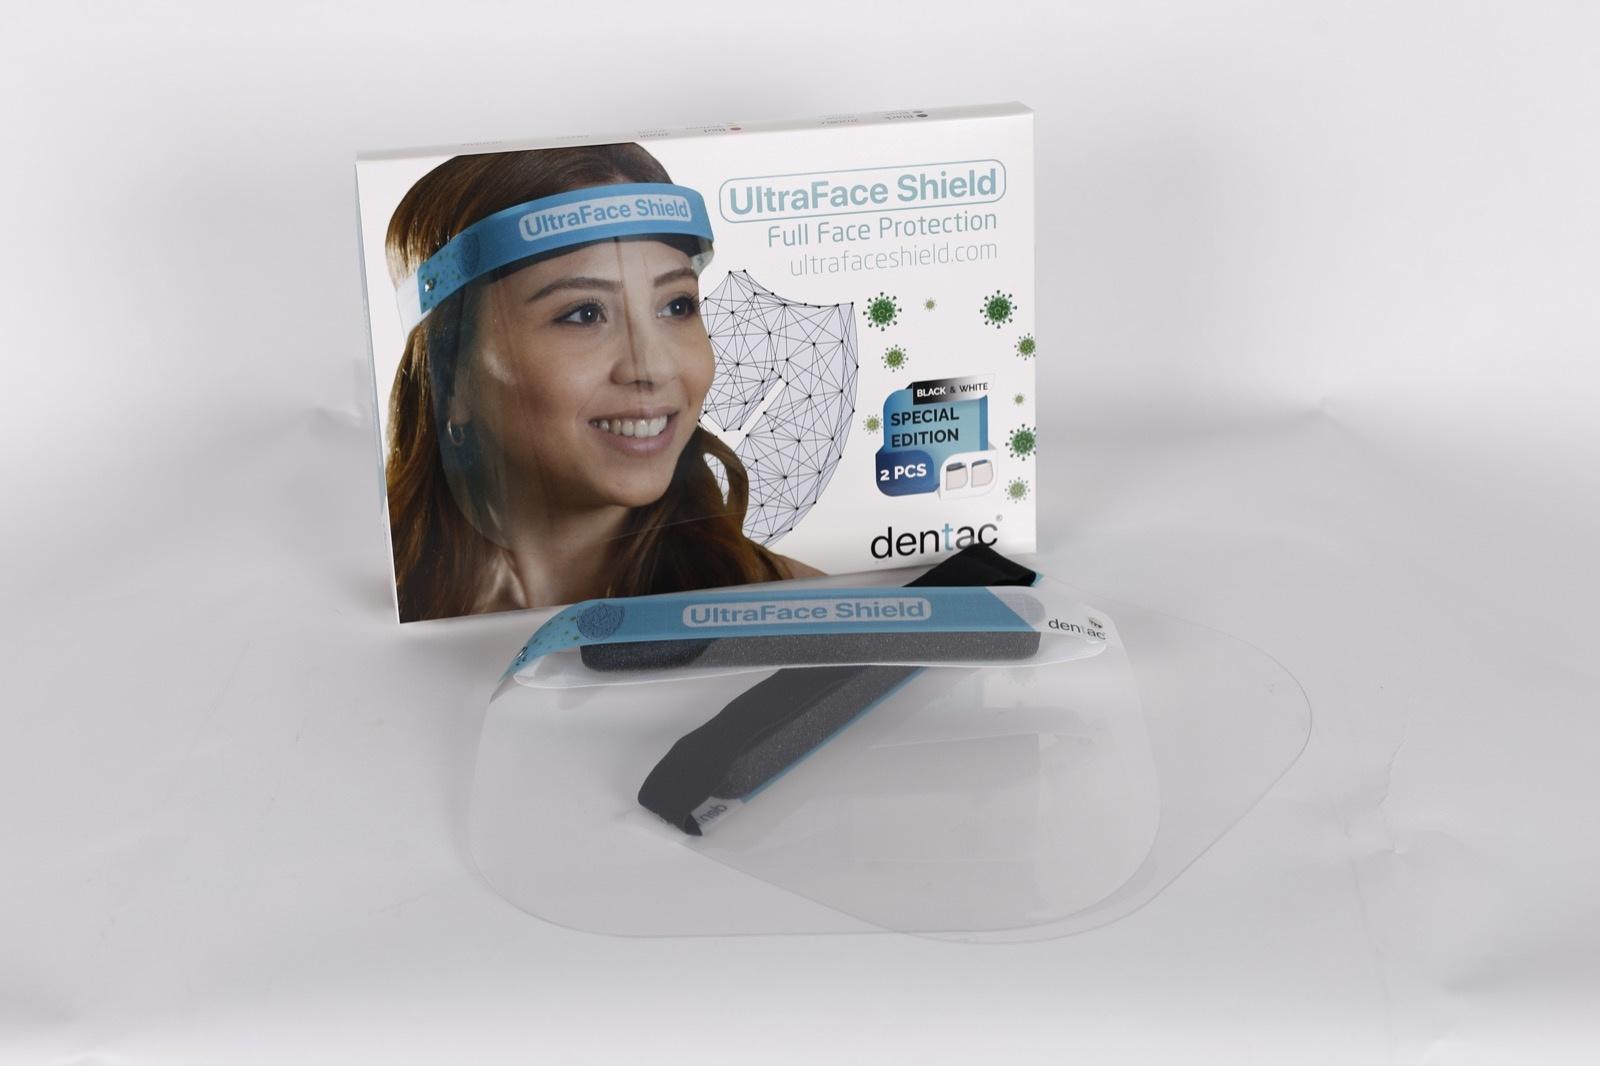 Ultraface FaceShield / Face Mask / Face Shield / Splash Mask